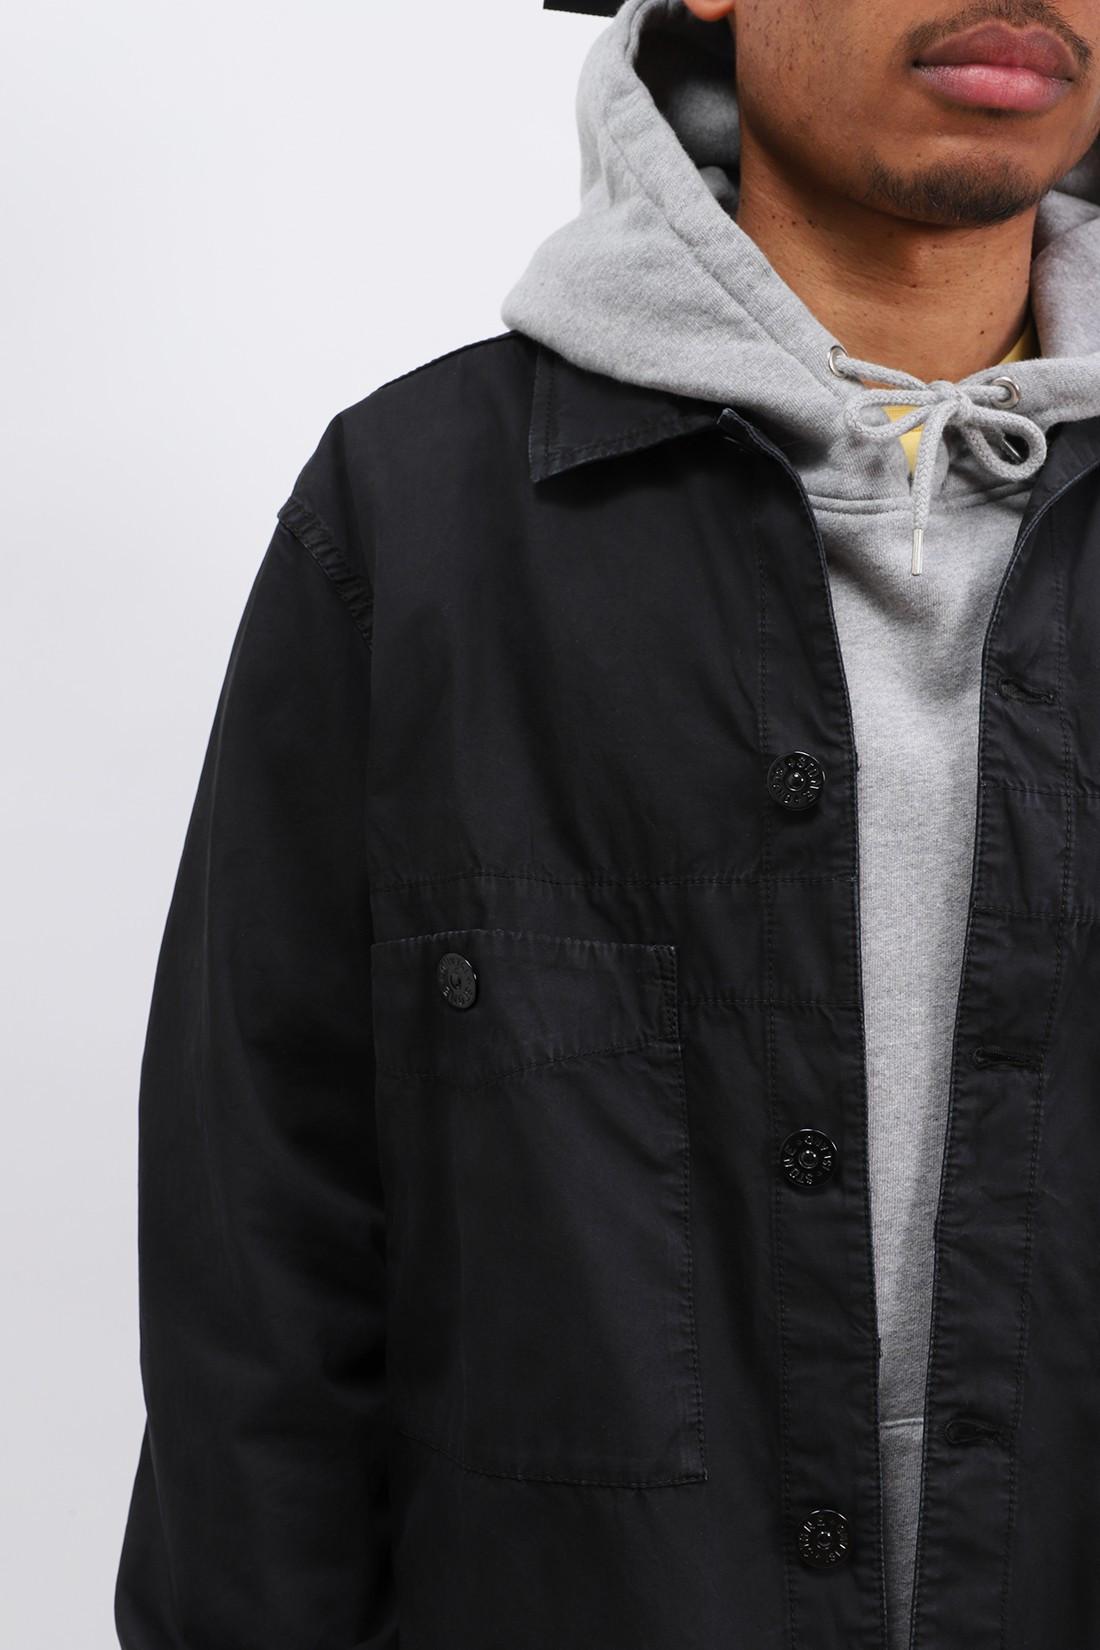 STONE ISLAND / 110wn overshirt v0129 nero Nero